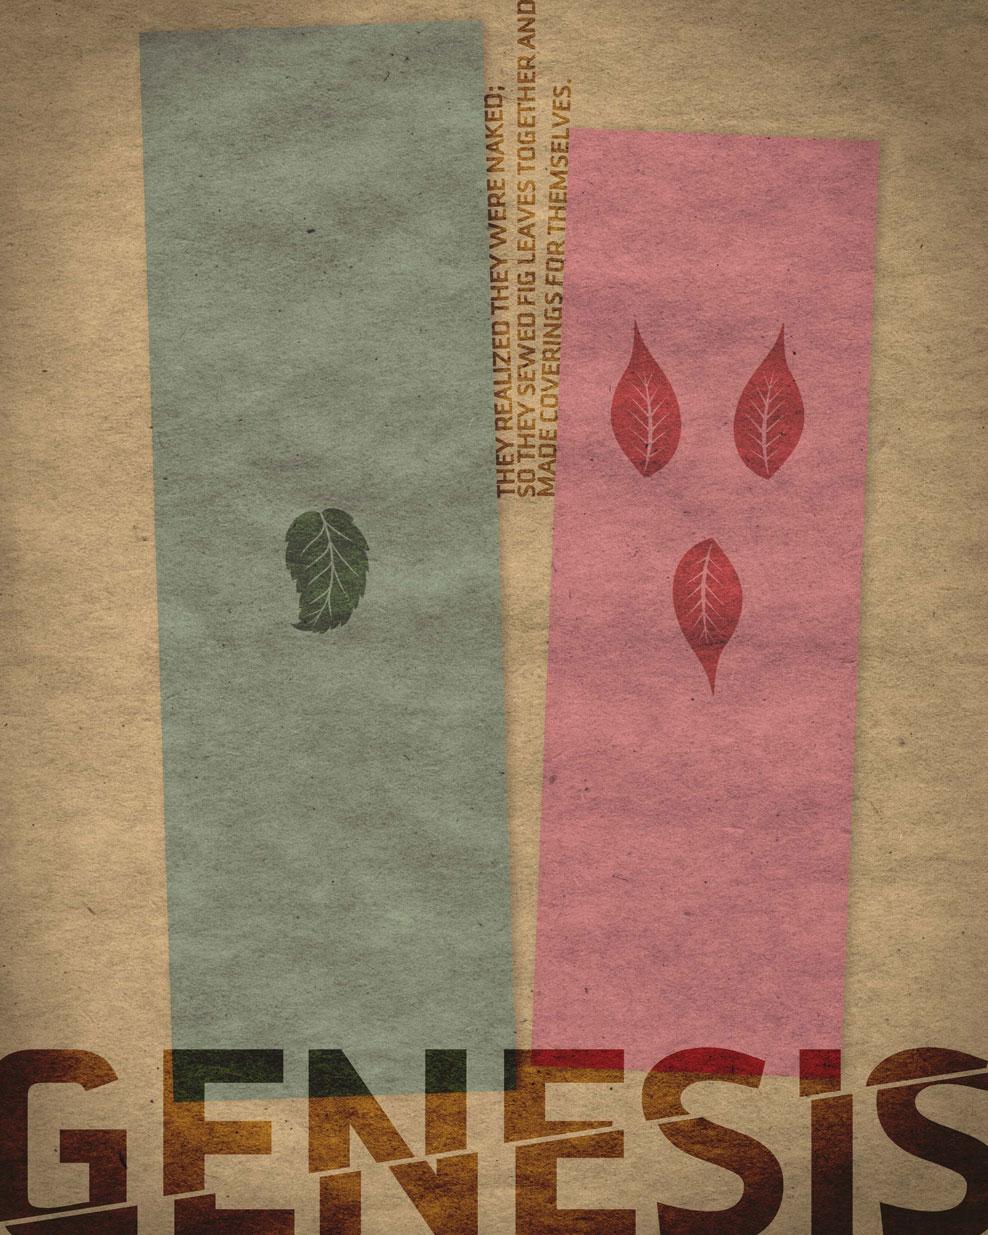 01-Genesis-01_Jim-LePage.jpg